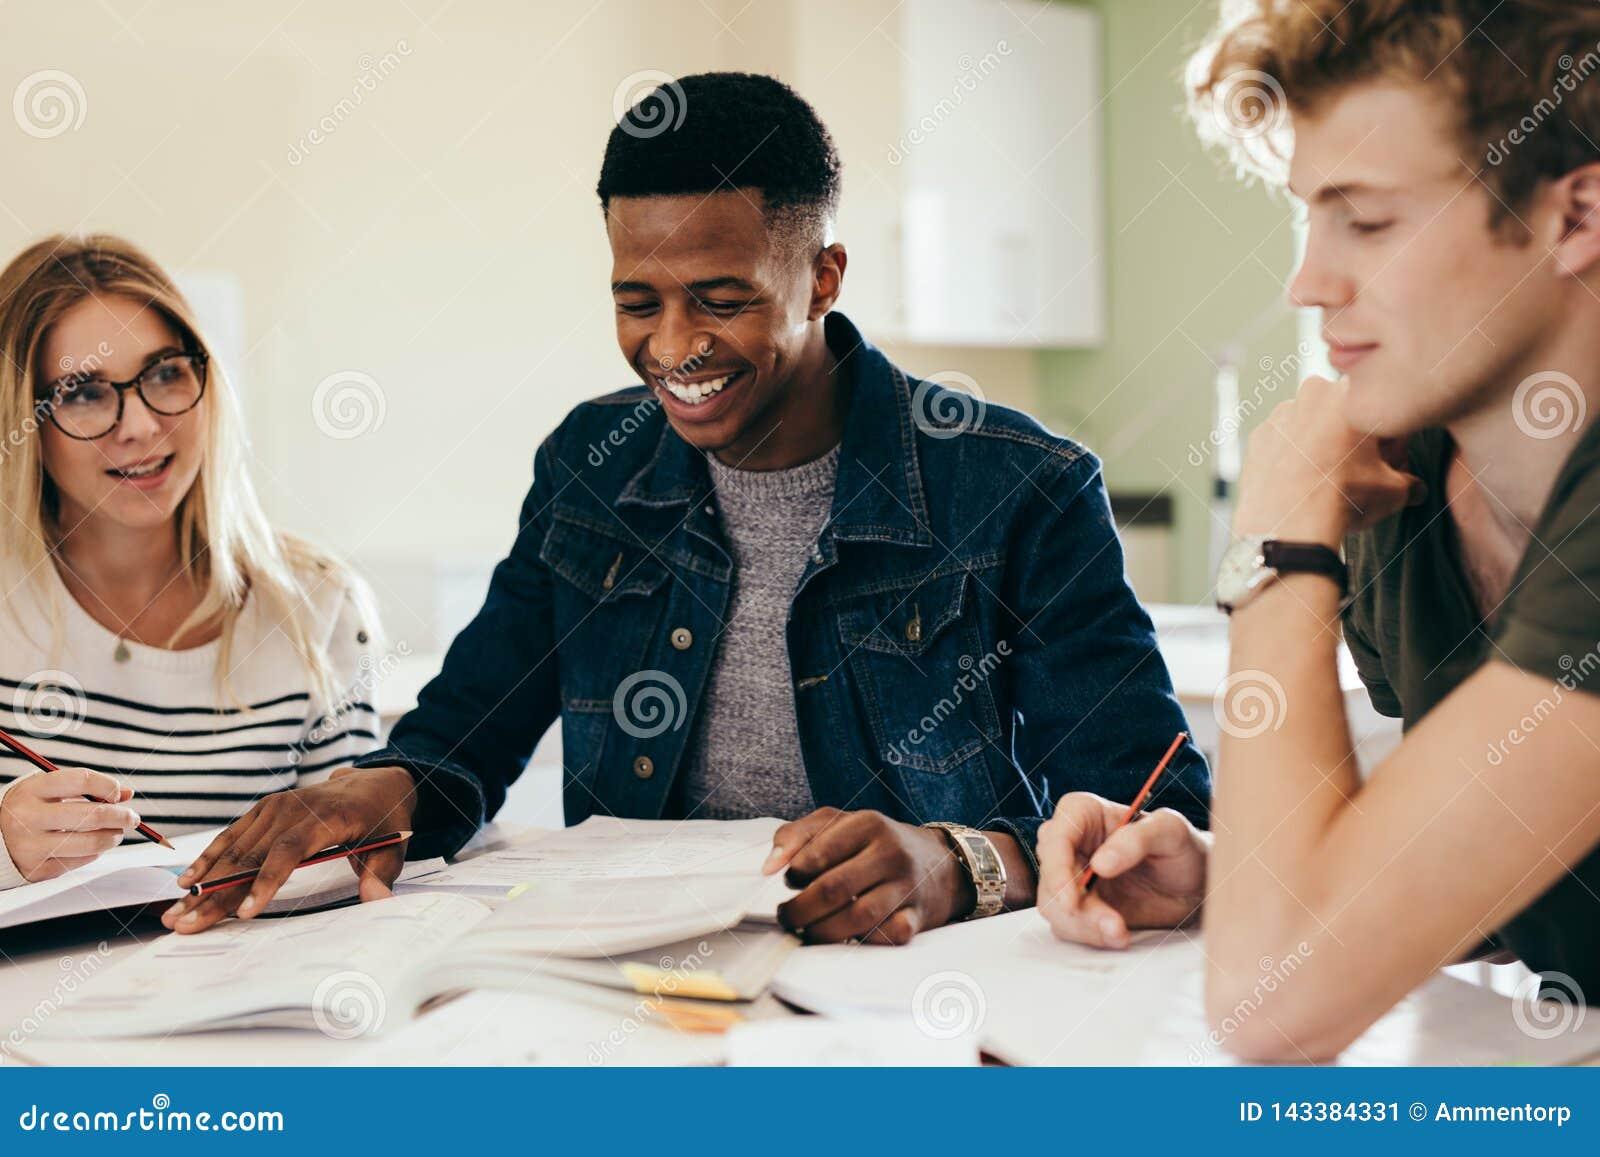 Olik grupp av studenter som diskuterar på anmärkningar